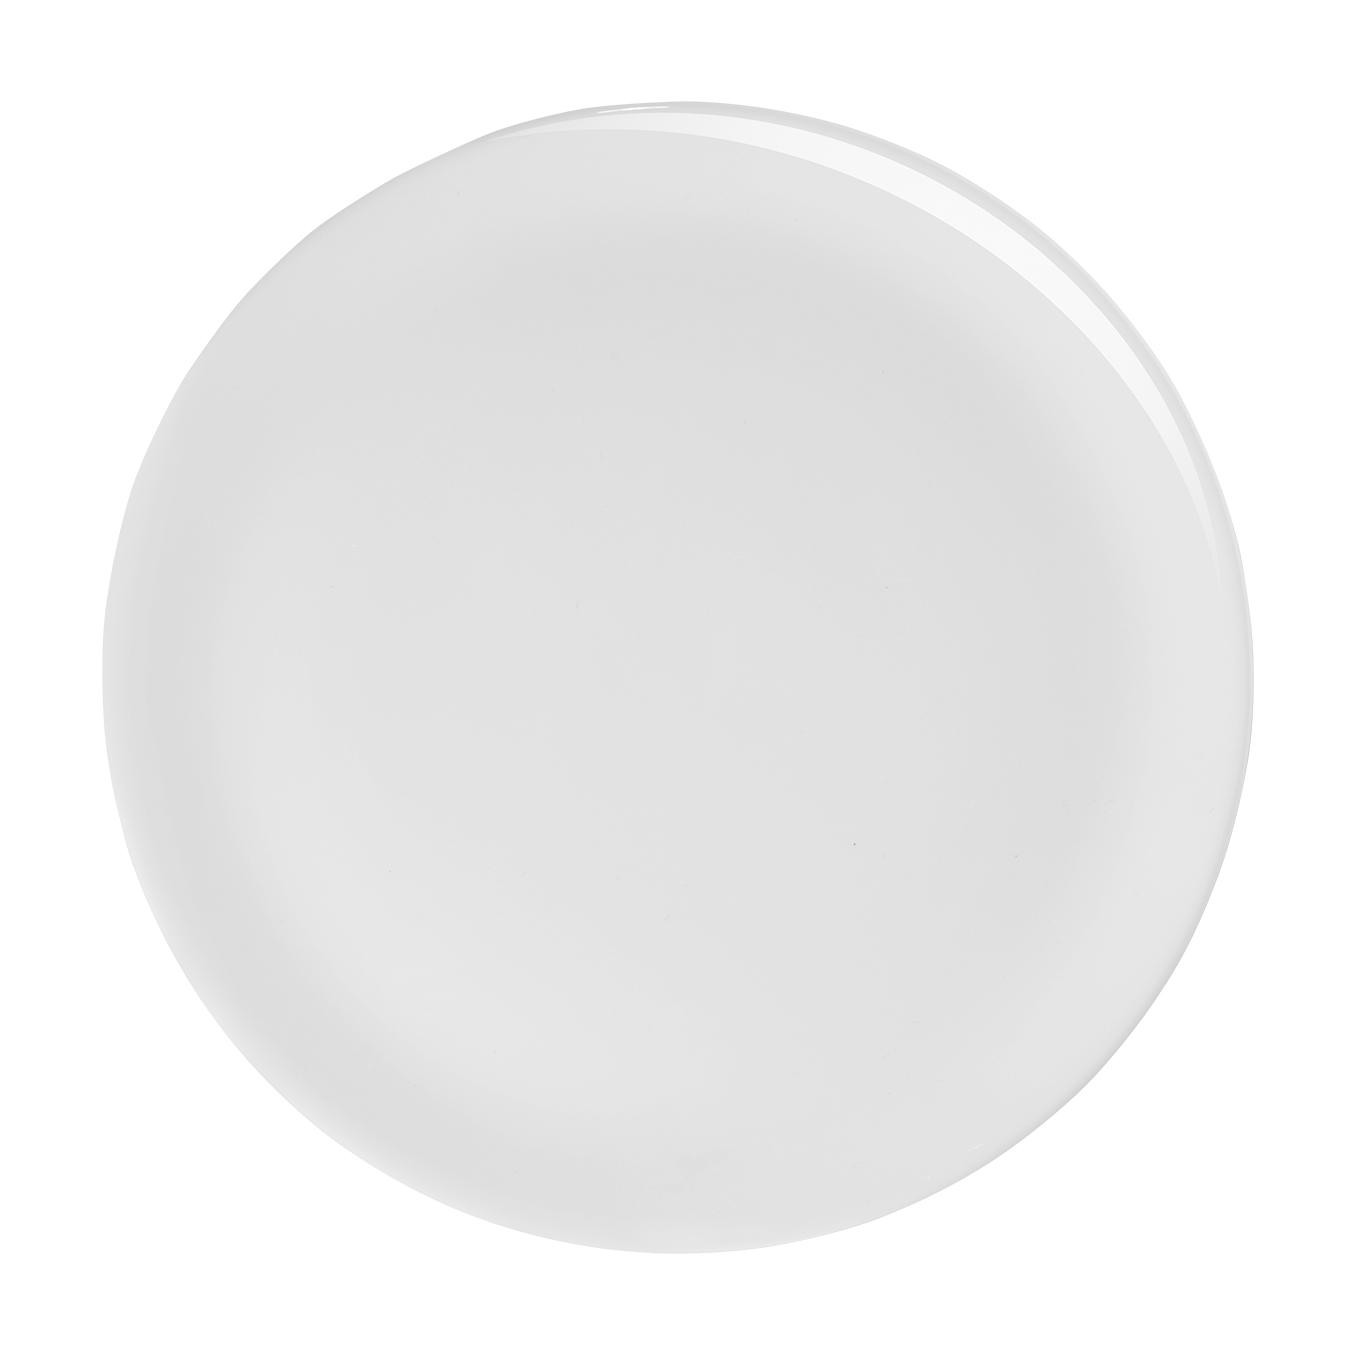 Фото - Блюдо Asa Selection A Table 26,5 см тарелка asa selection a table 25 см